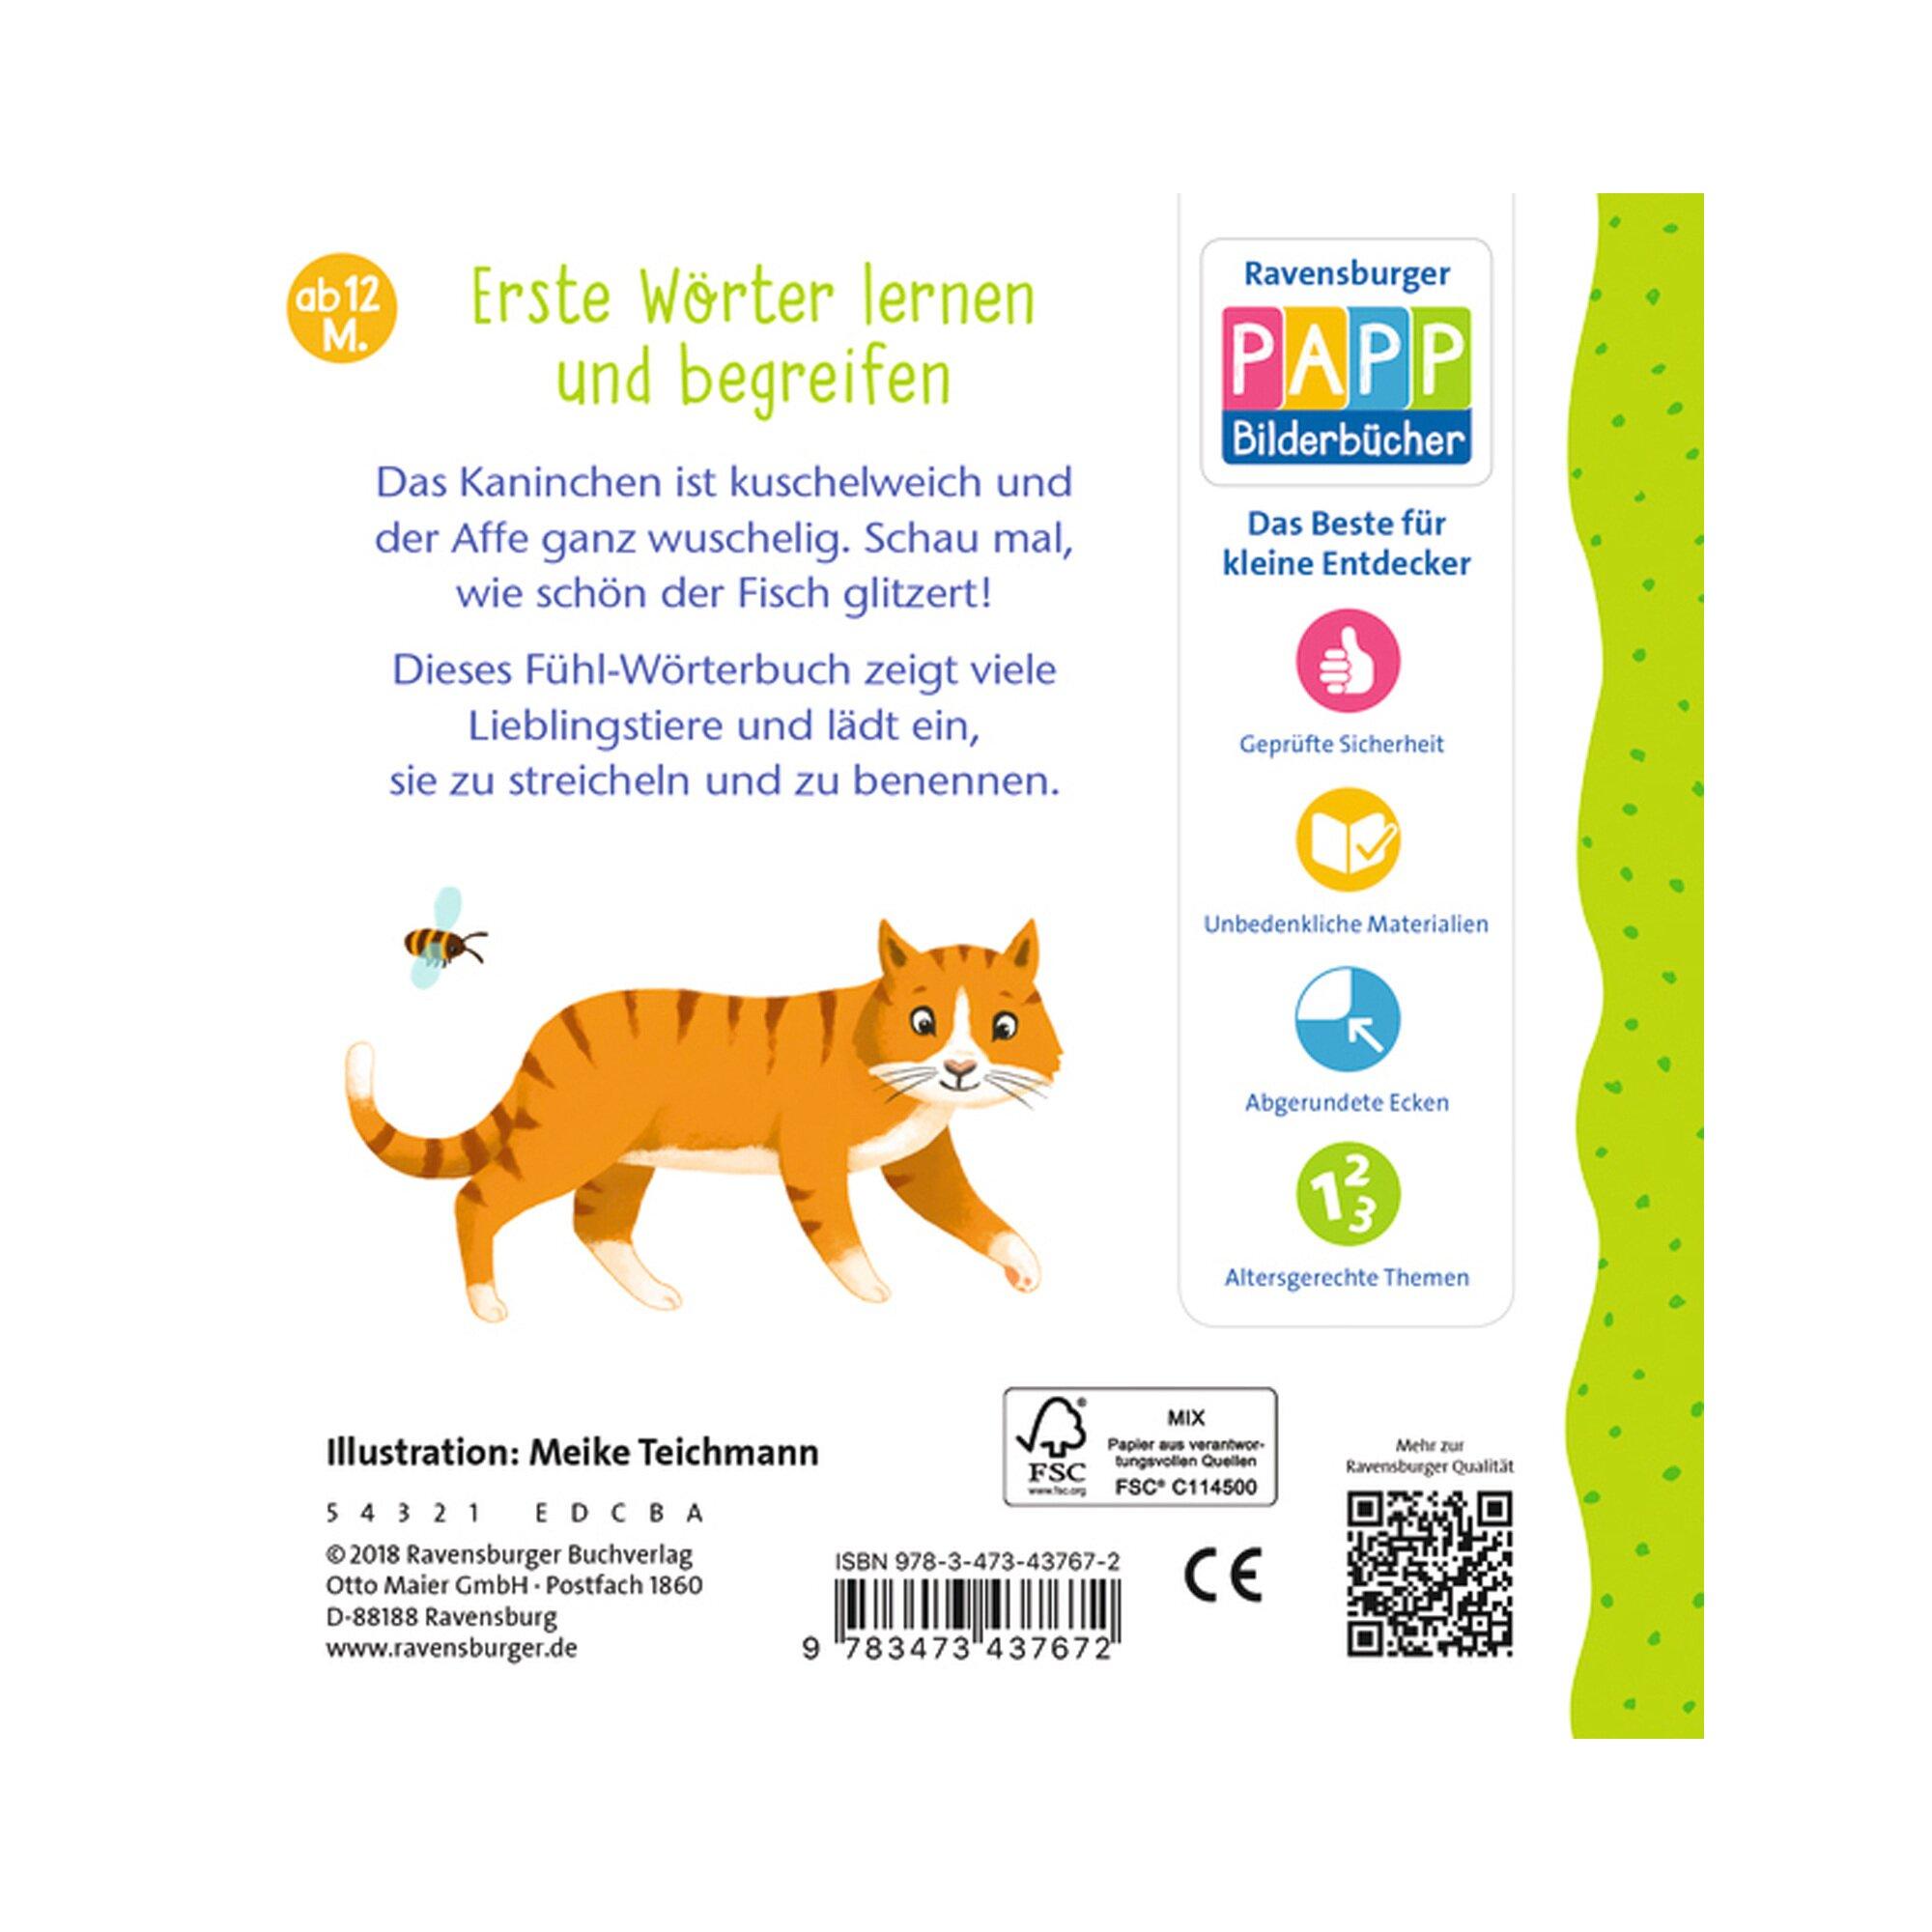 ravensburger-fuhlbuch-mein-erstes-worterbuch-zum-fuhlen-meine-tiere